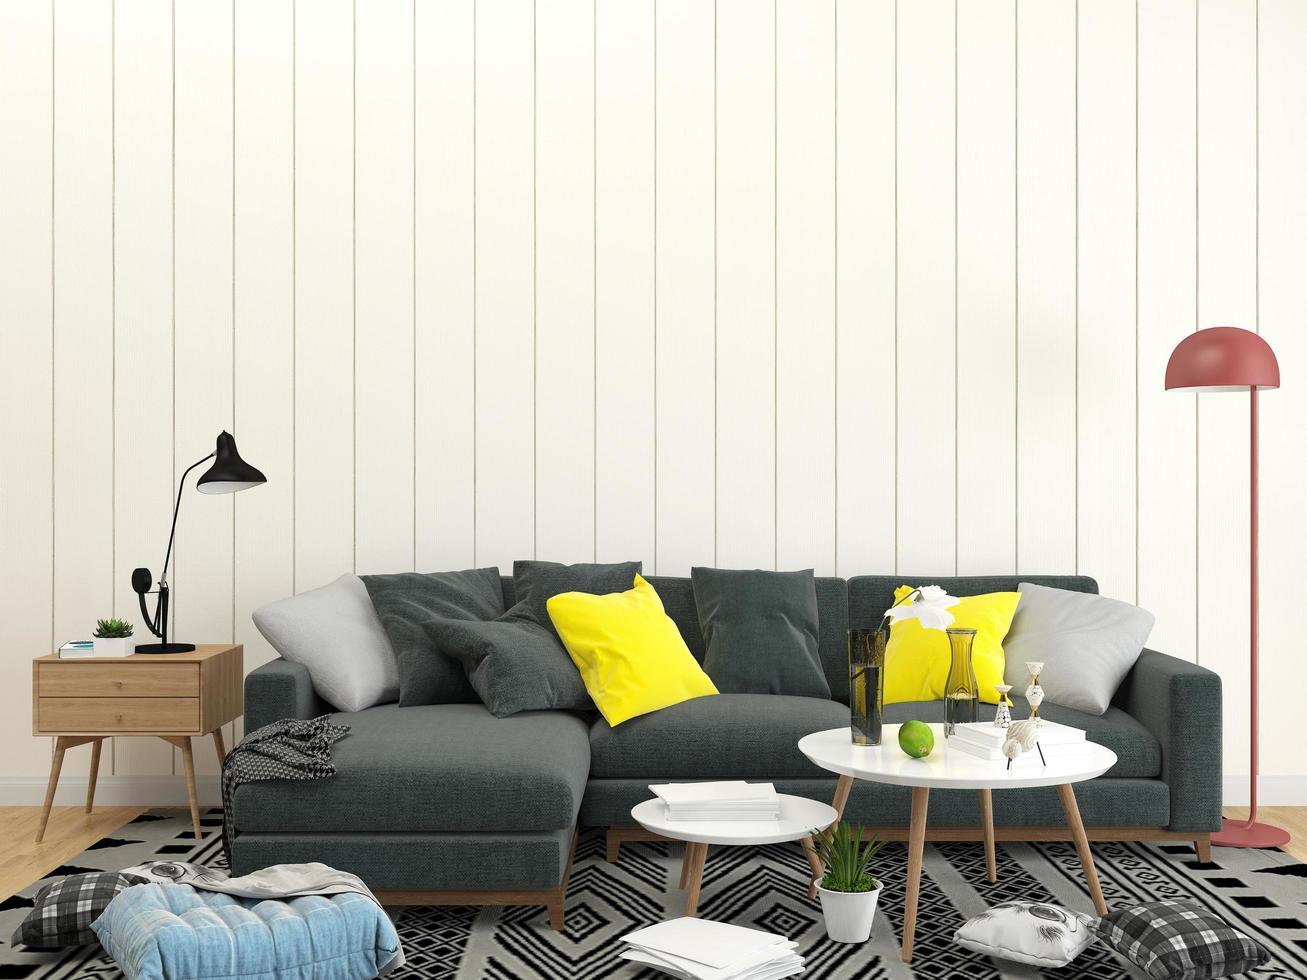 sofá seccional en la sala de estar foto